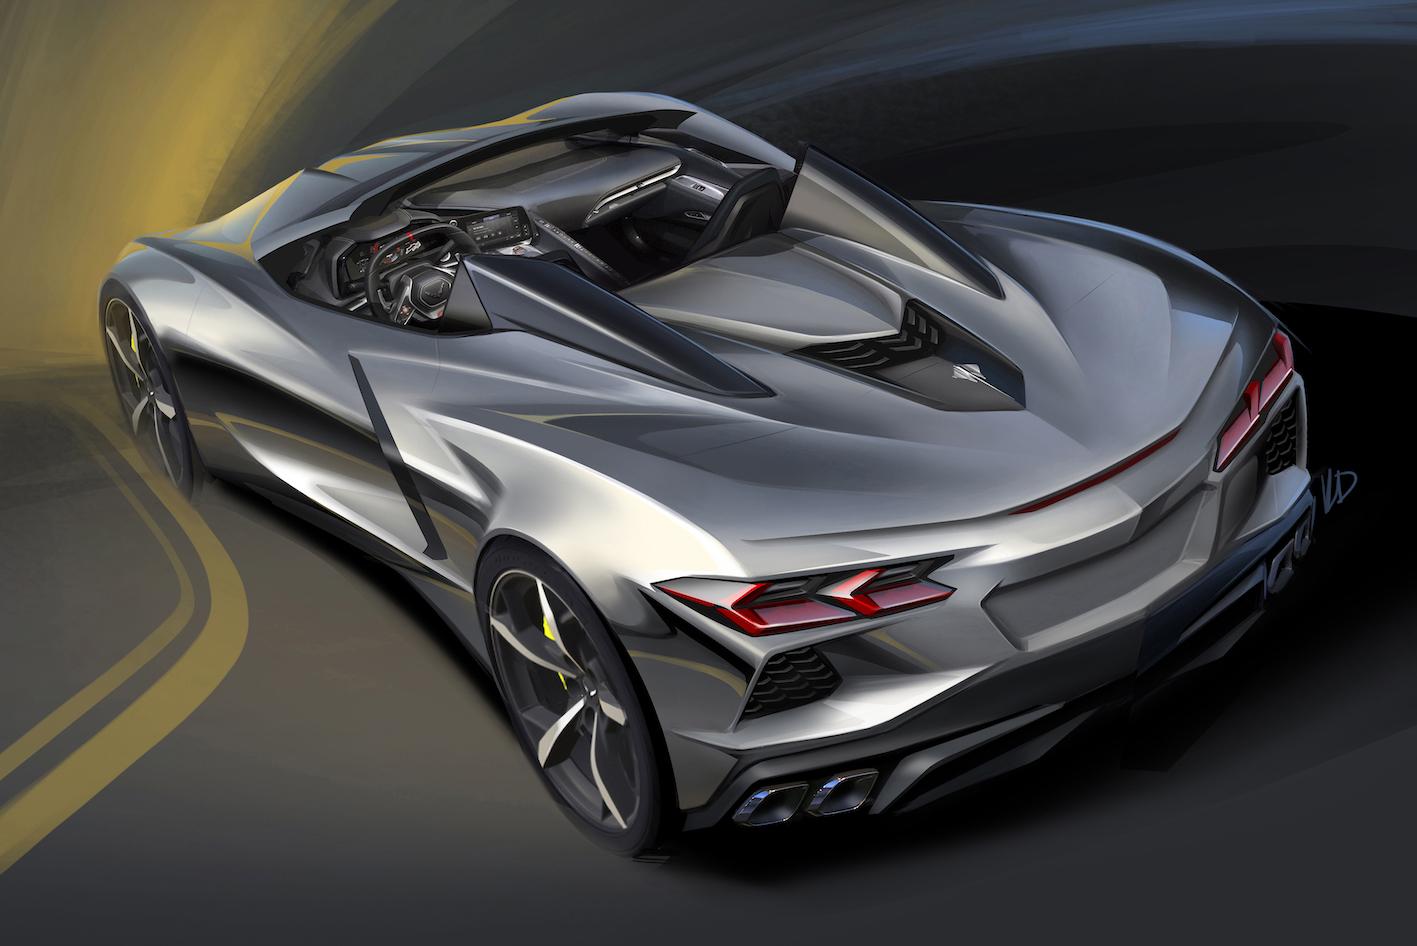 Nouveauté 2020 : Corvette Stingray convertible – VIDEOS